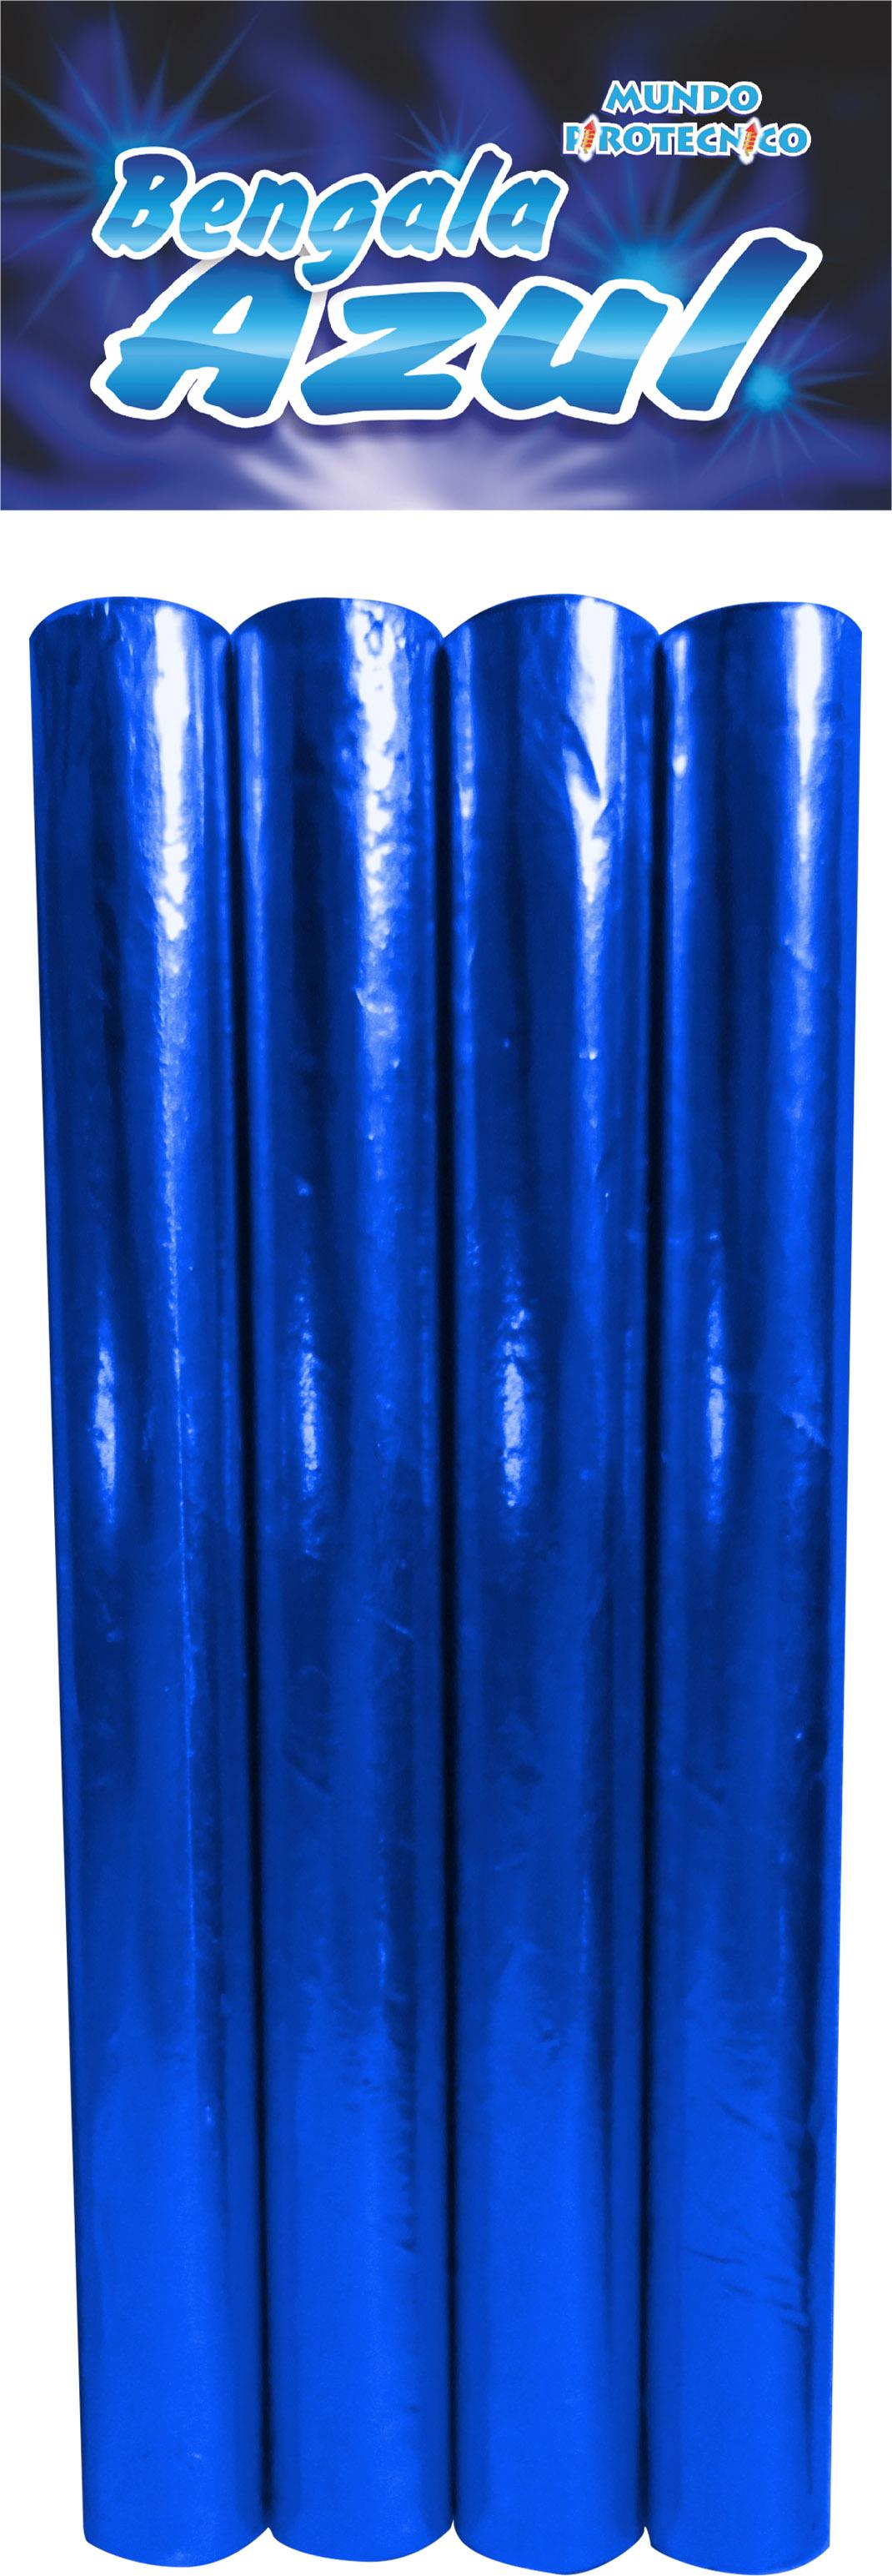 Bengala Azul